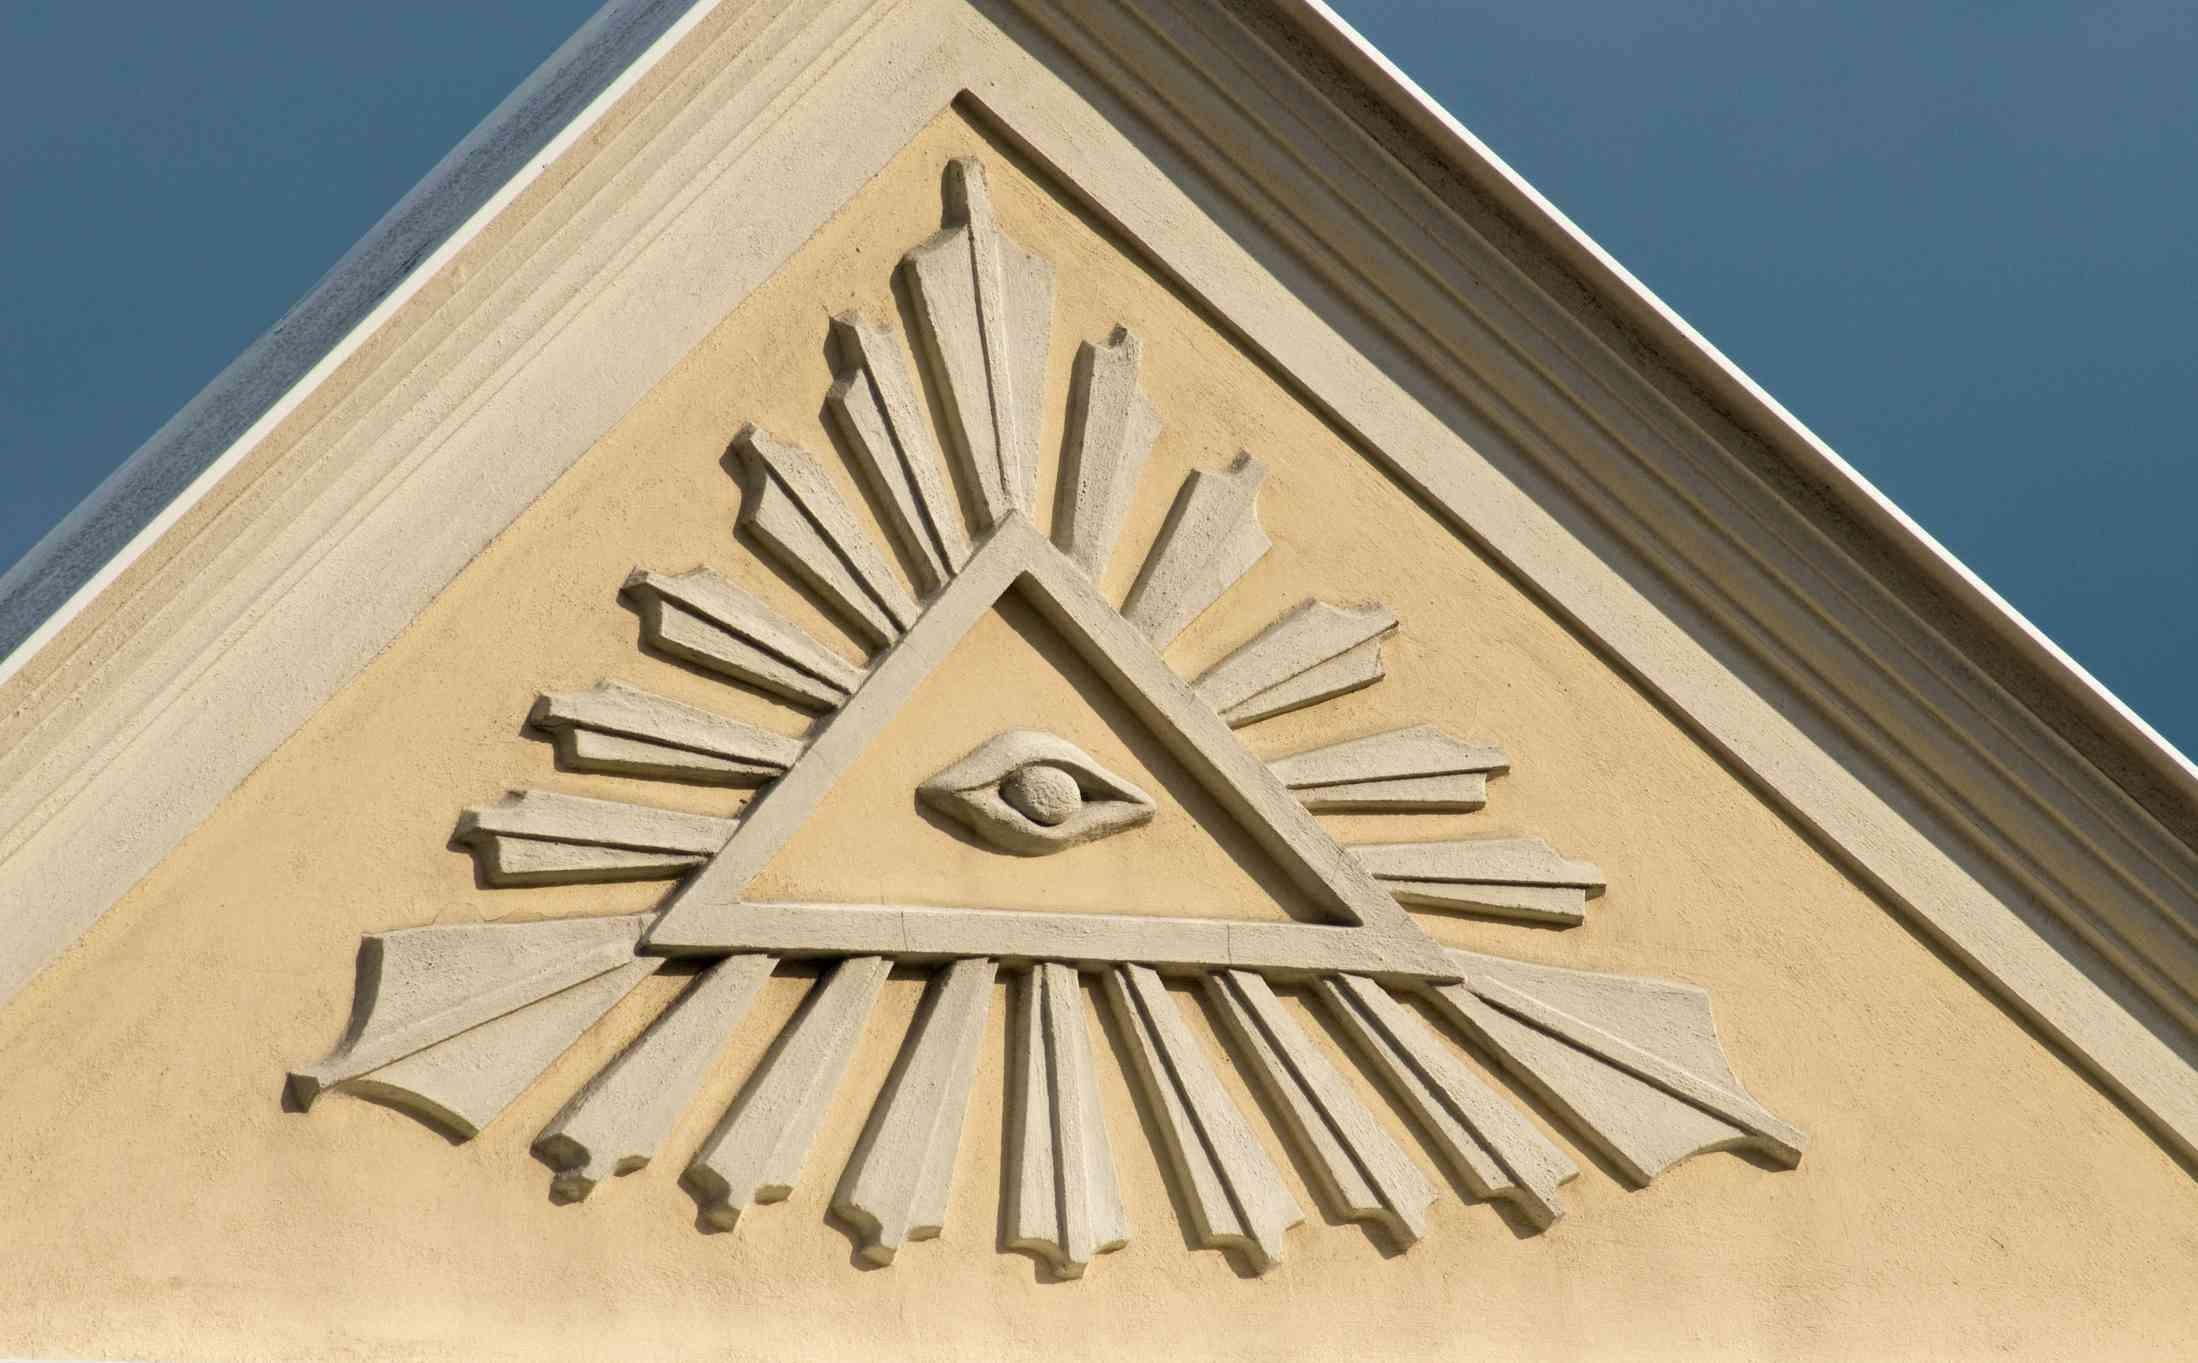 House gable front with Gods Eye, symbol of Eye of Providence, Stramberk, Stramberg, Moravian-Silesian Region, Czech Republic